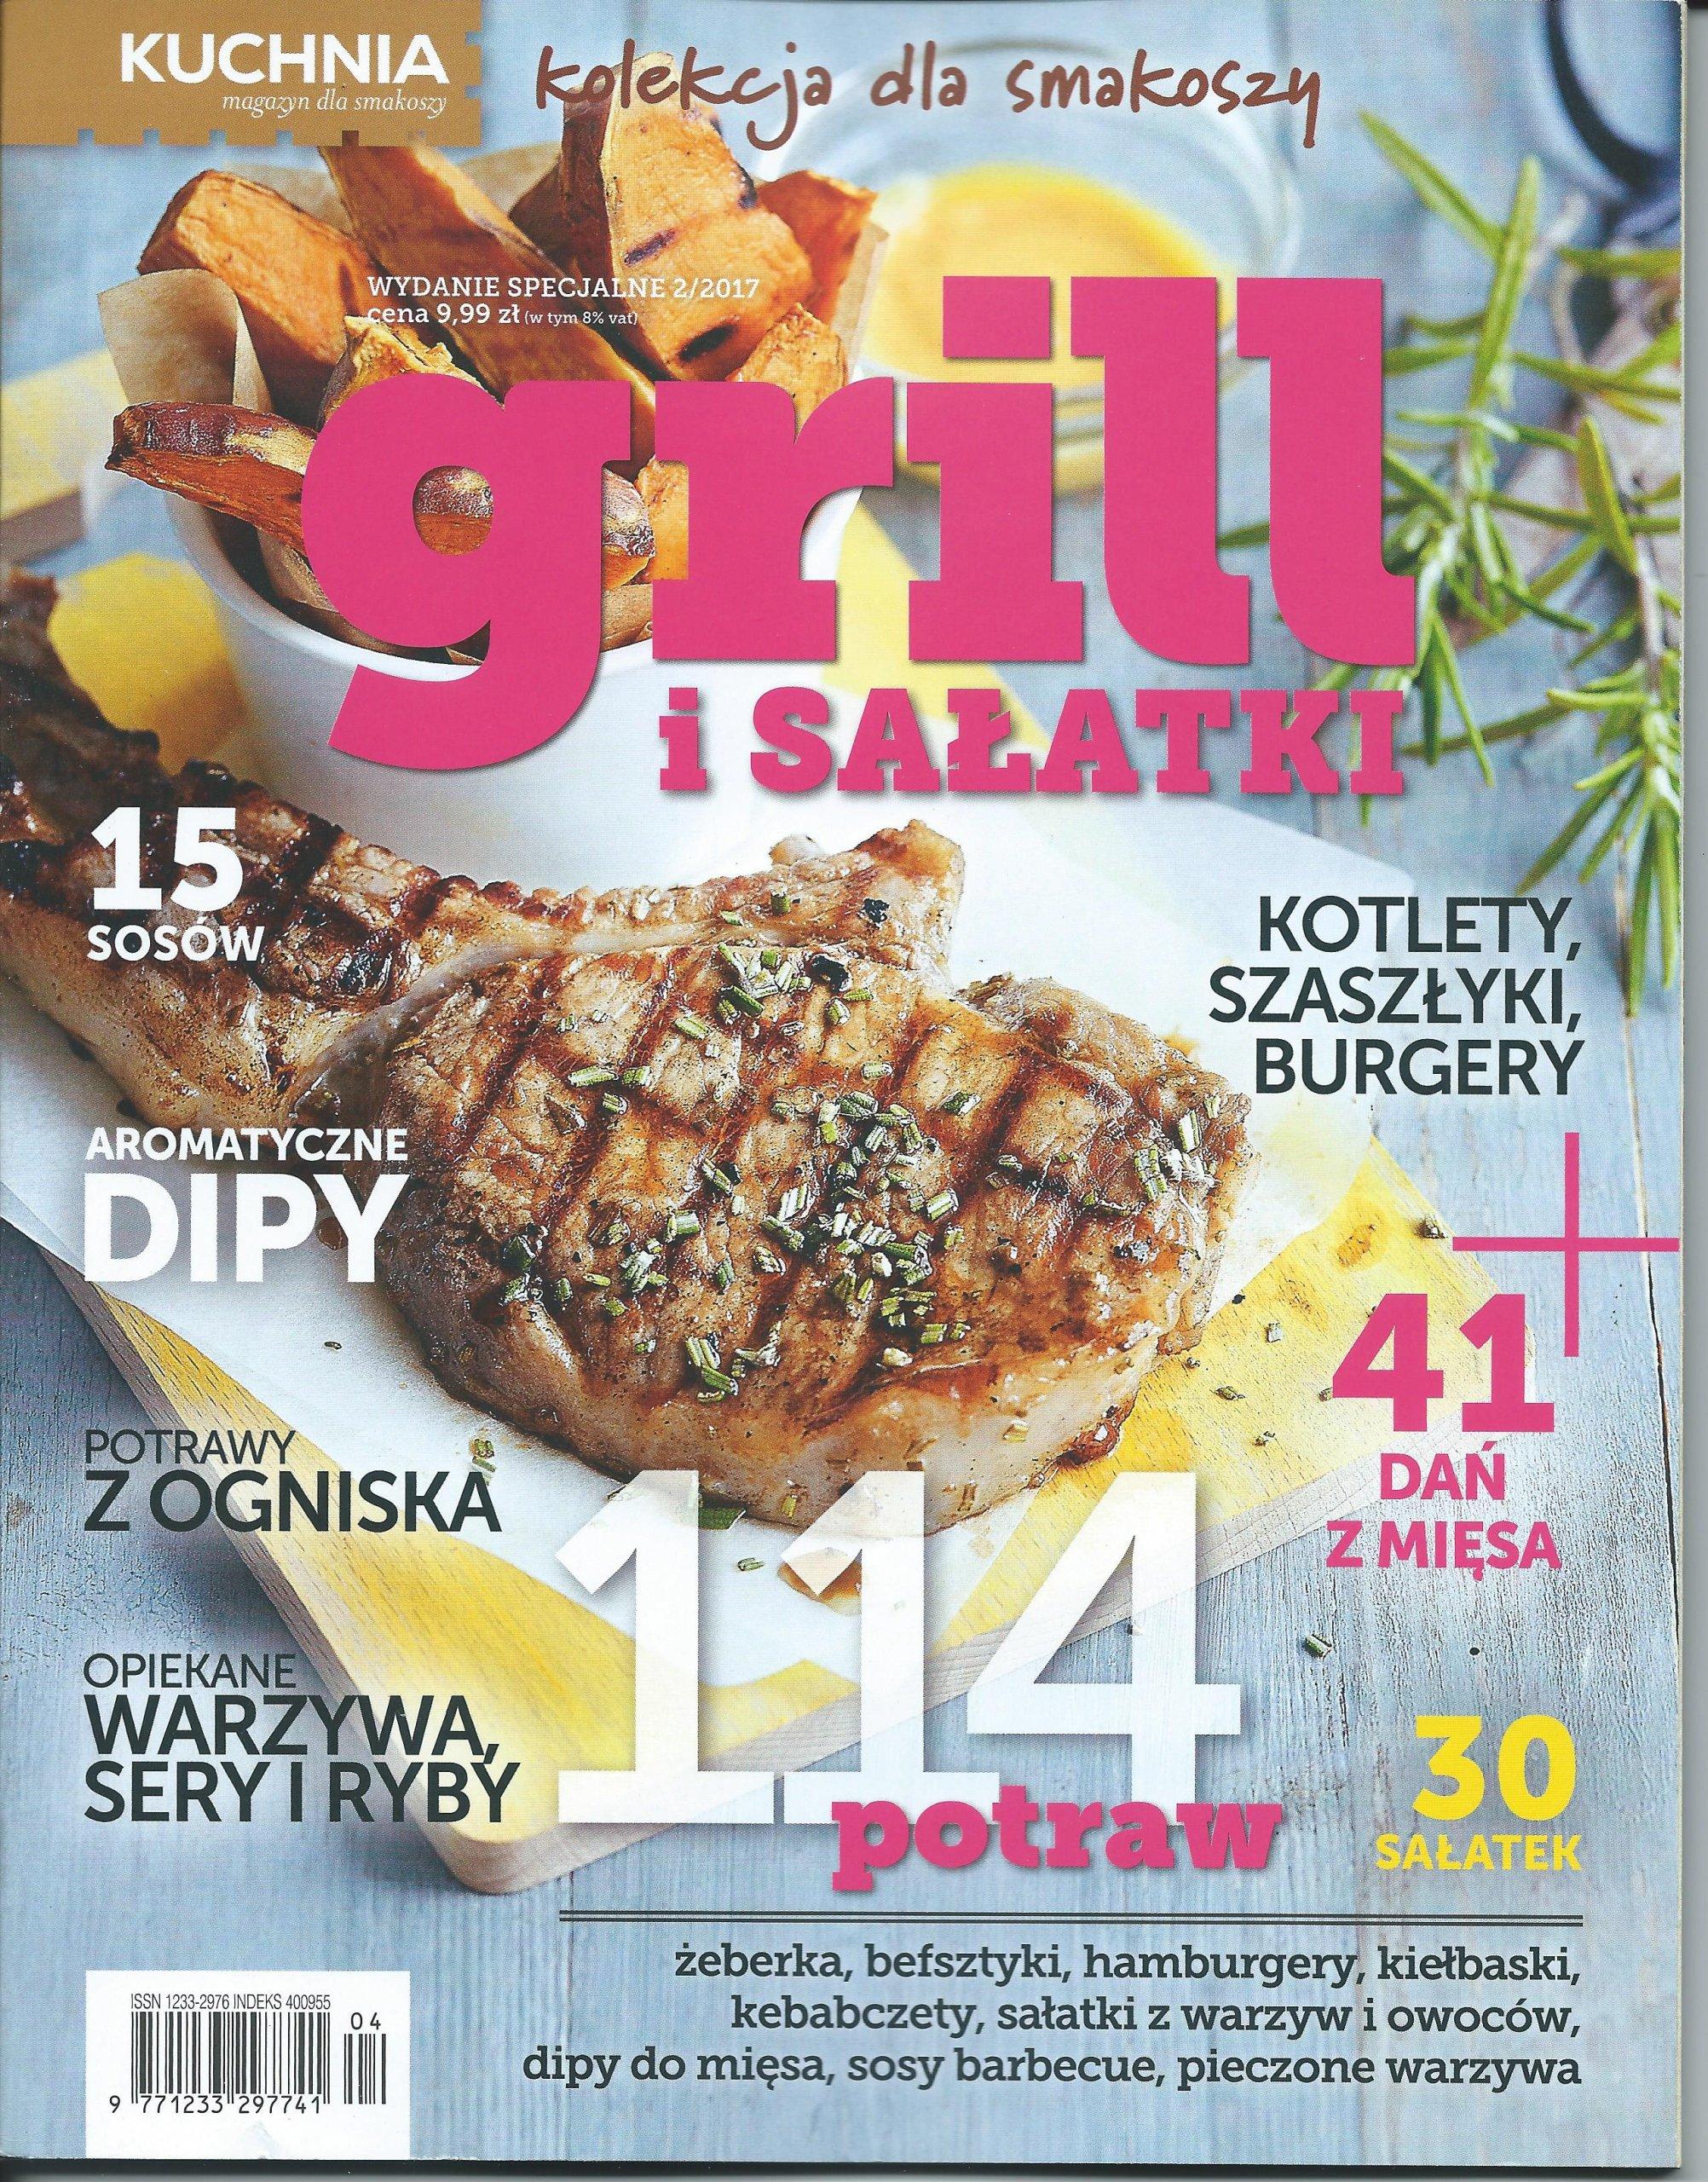 Grill I Sałatki Kuchnia Wydanie Specjalne 22017